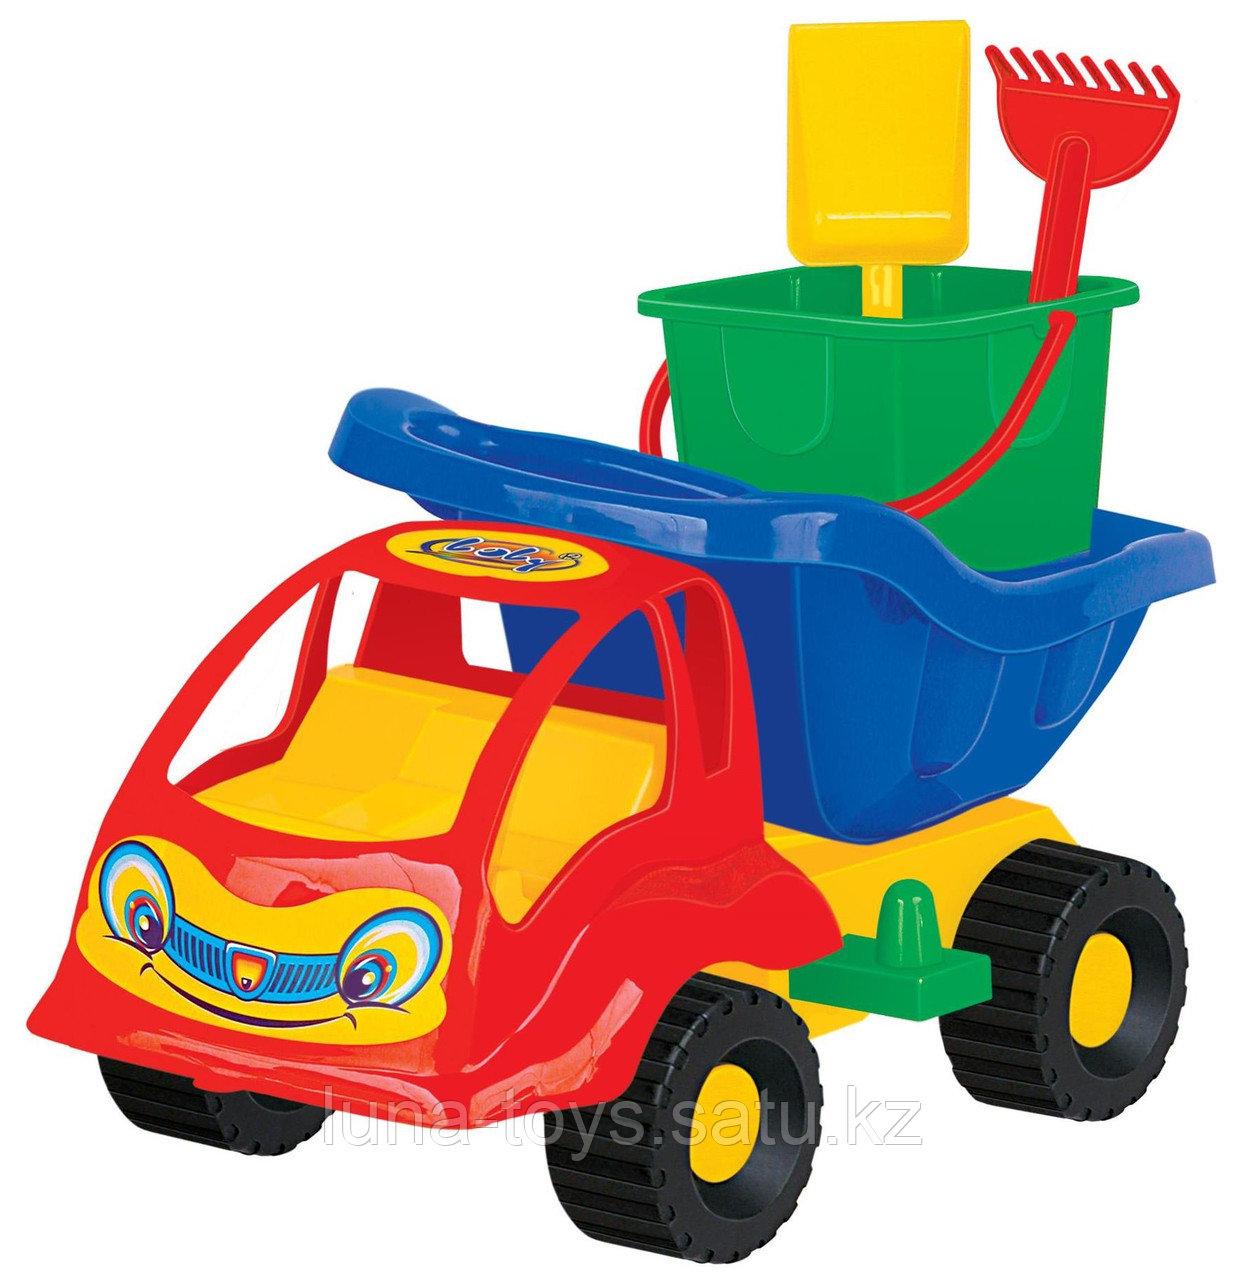 """Набор №56: """"Муравей"""", автомобиль-самосвал + ведро-крепость малое, лопатка малая №3, грабельки малые"""